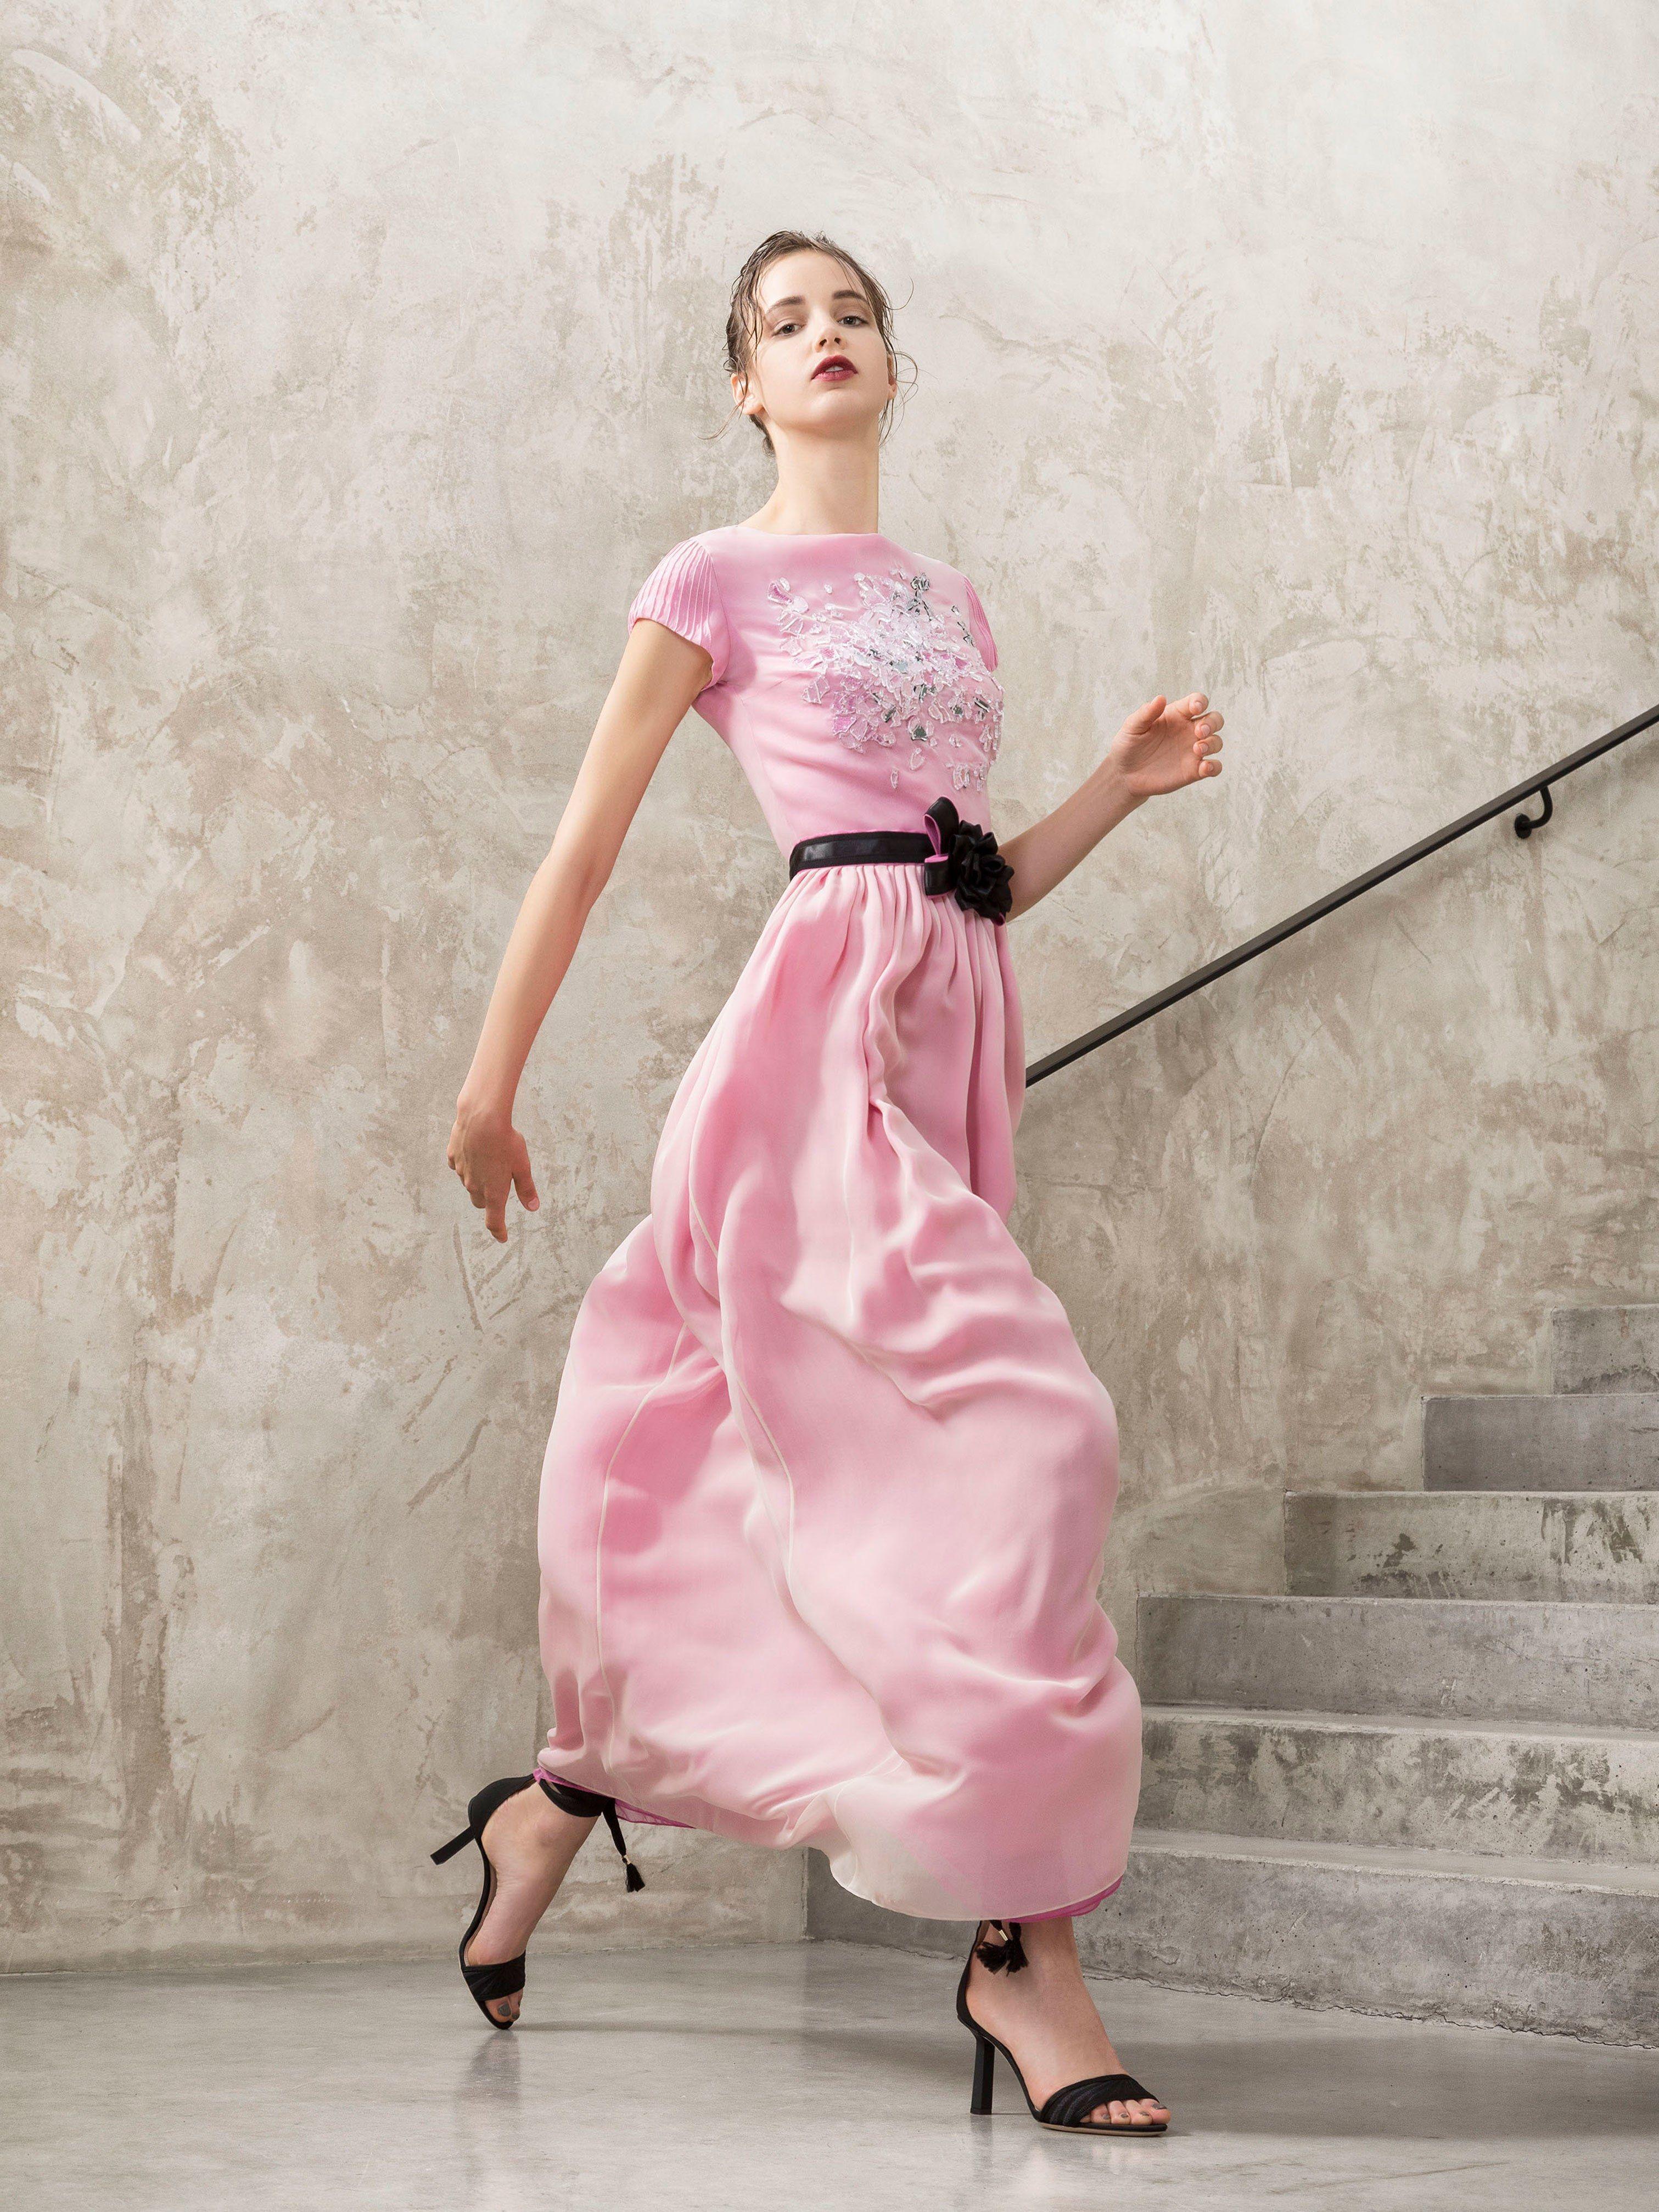 Giorgio Armani Resort 2018 Fashion Show   Foto retrato, Ropa fiesta ...